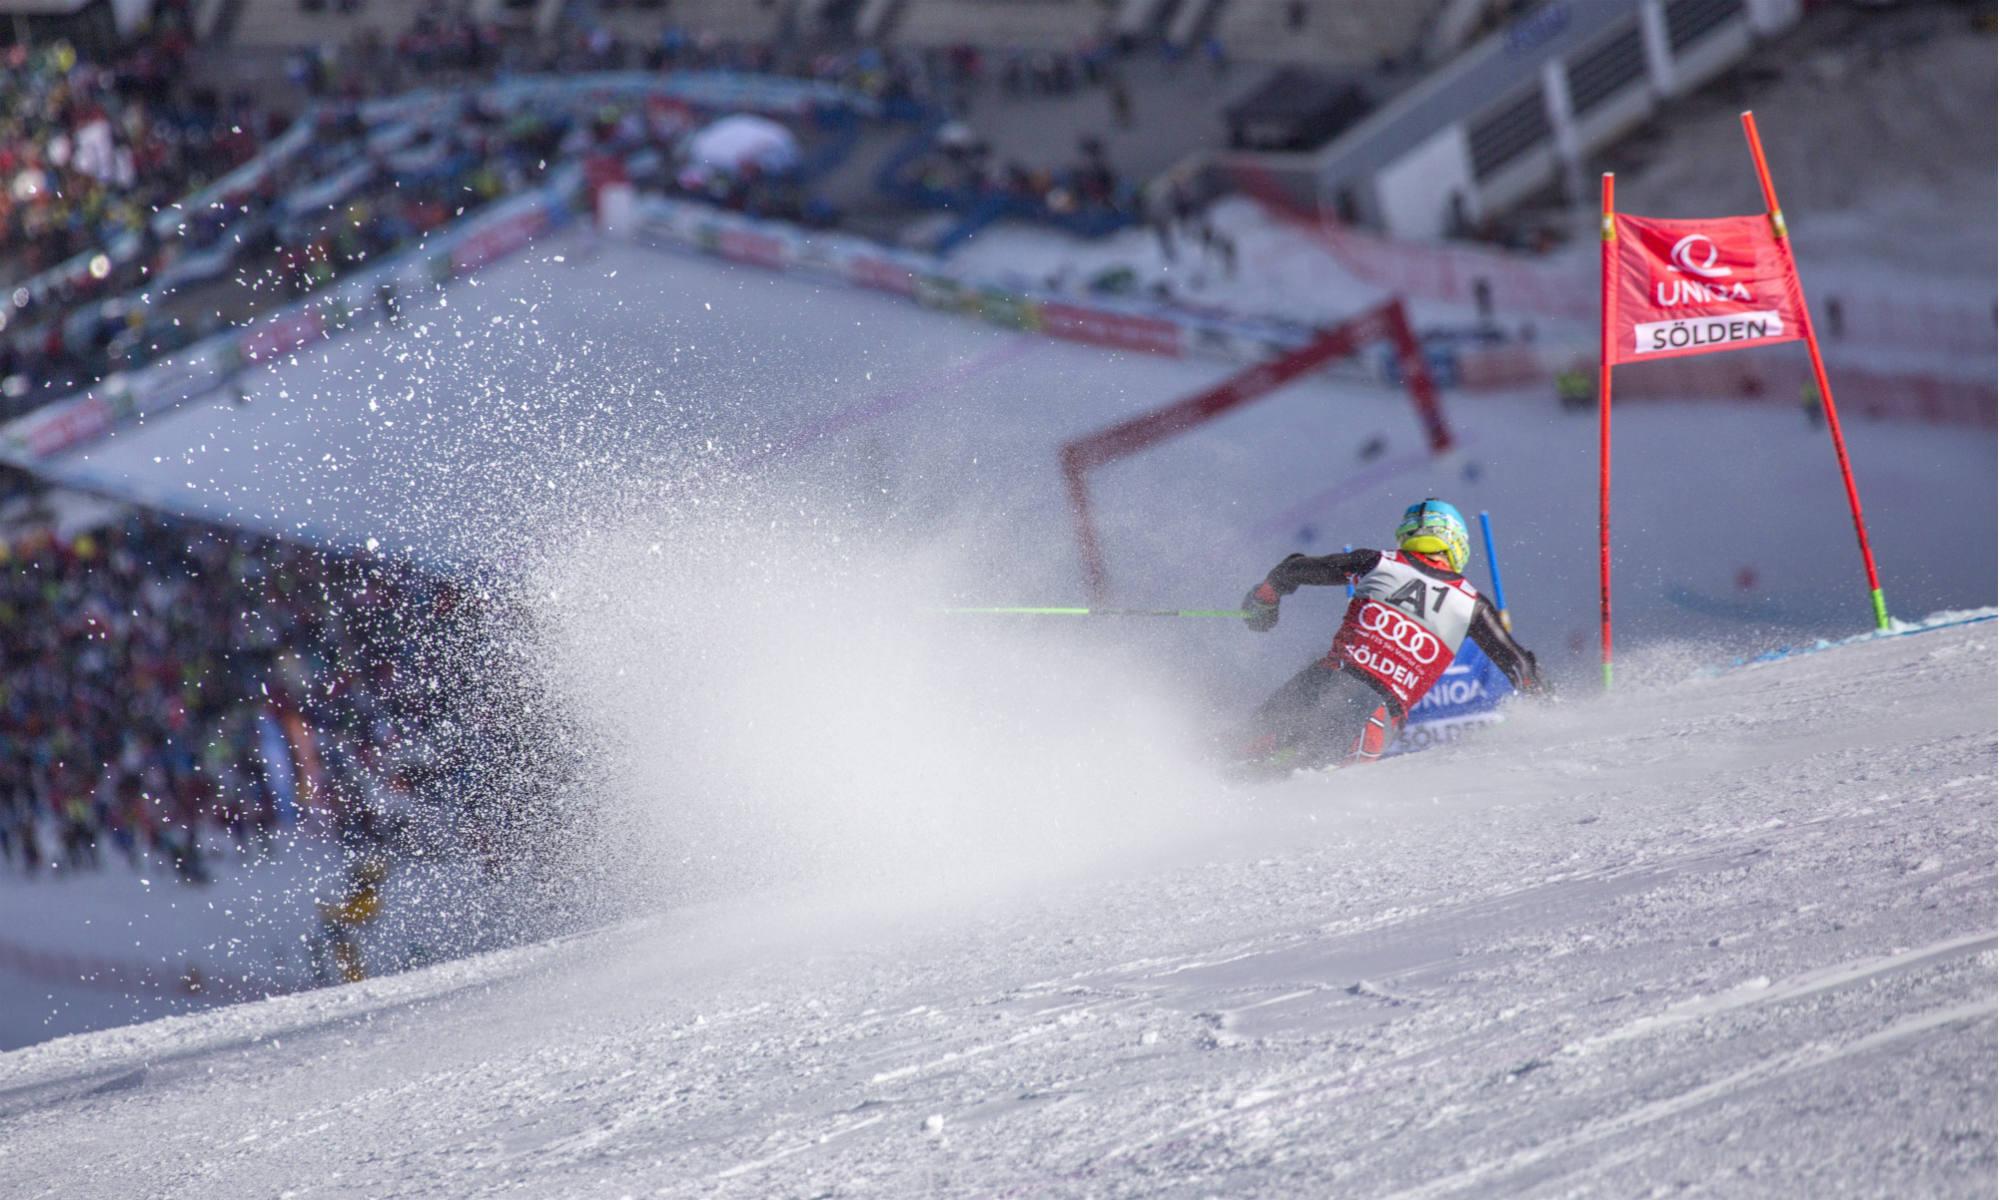 Ogni anno, l'ultimo fine settimana di ottobre, l'élite dello sci si riunisce a Sölden. File name